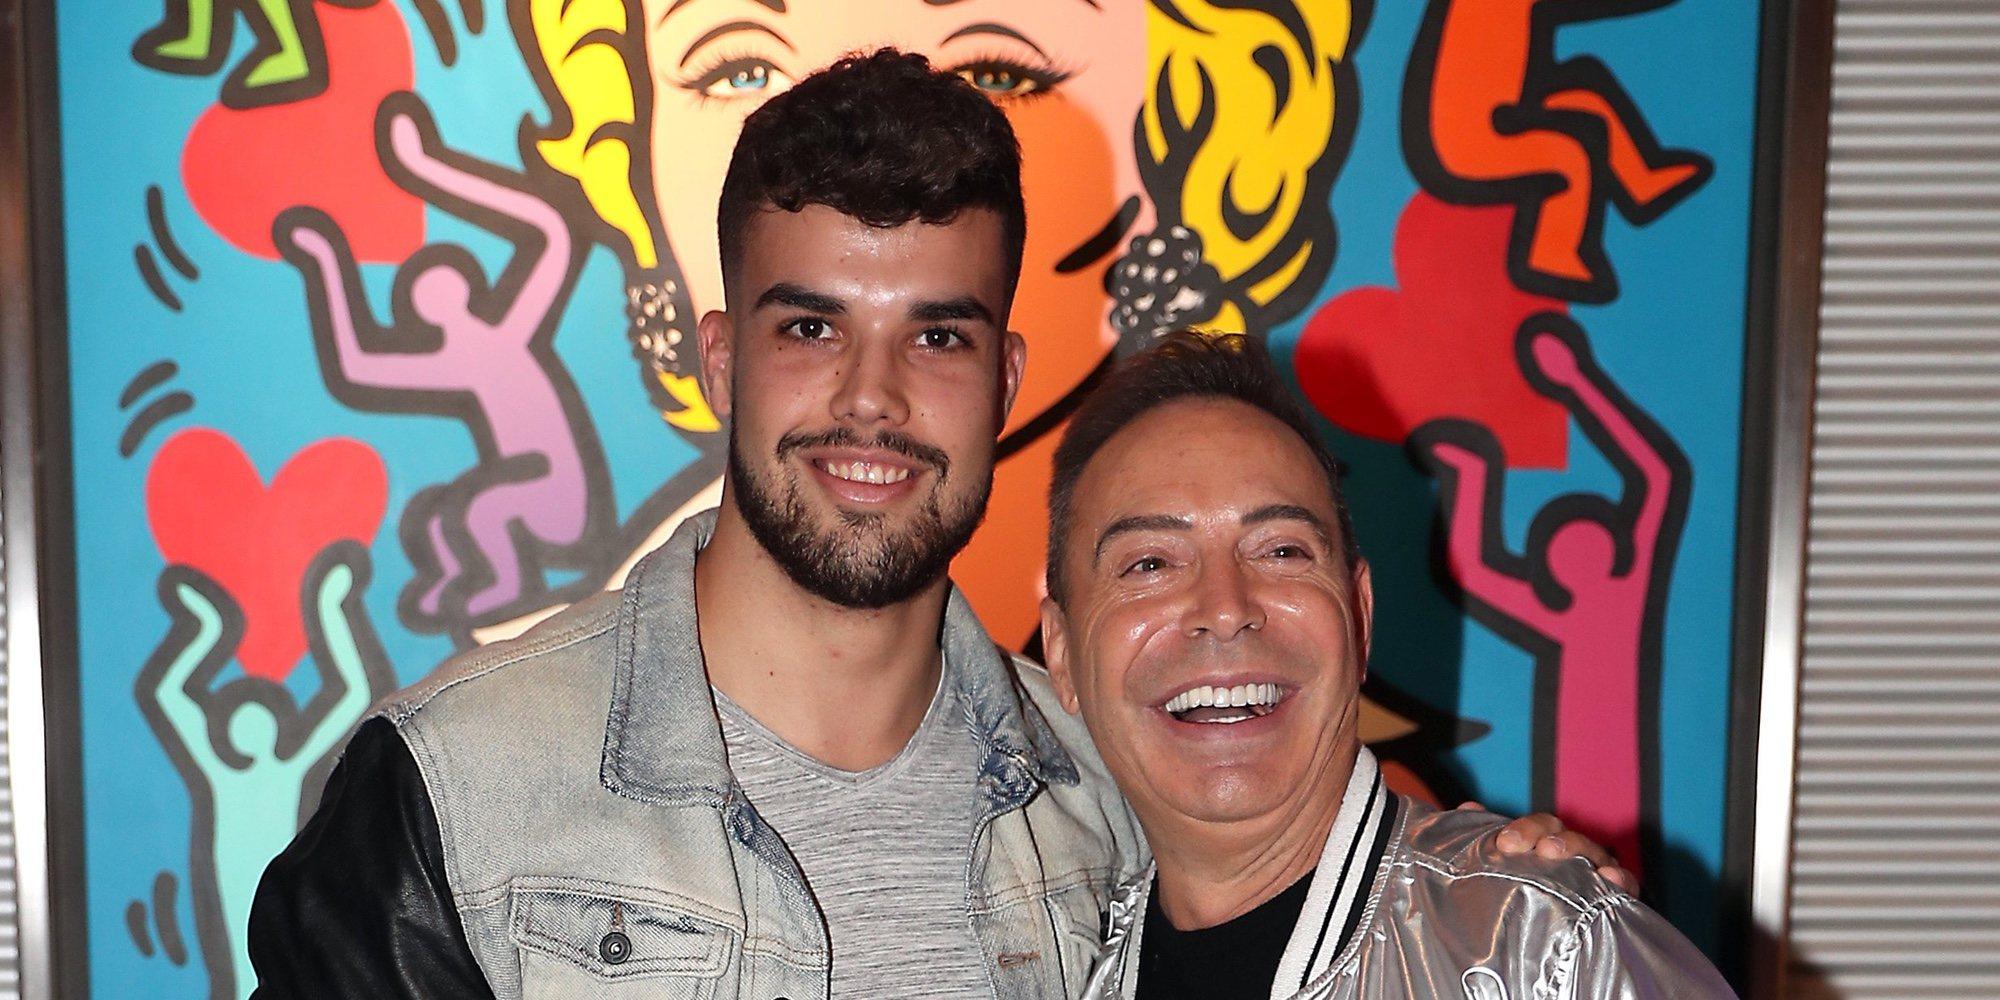 Pol Badía acompaña a Maestro Joao al plató de 'GH DÚO' y Miguel Frigenti los pilla besándose